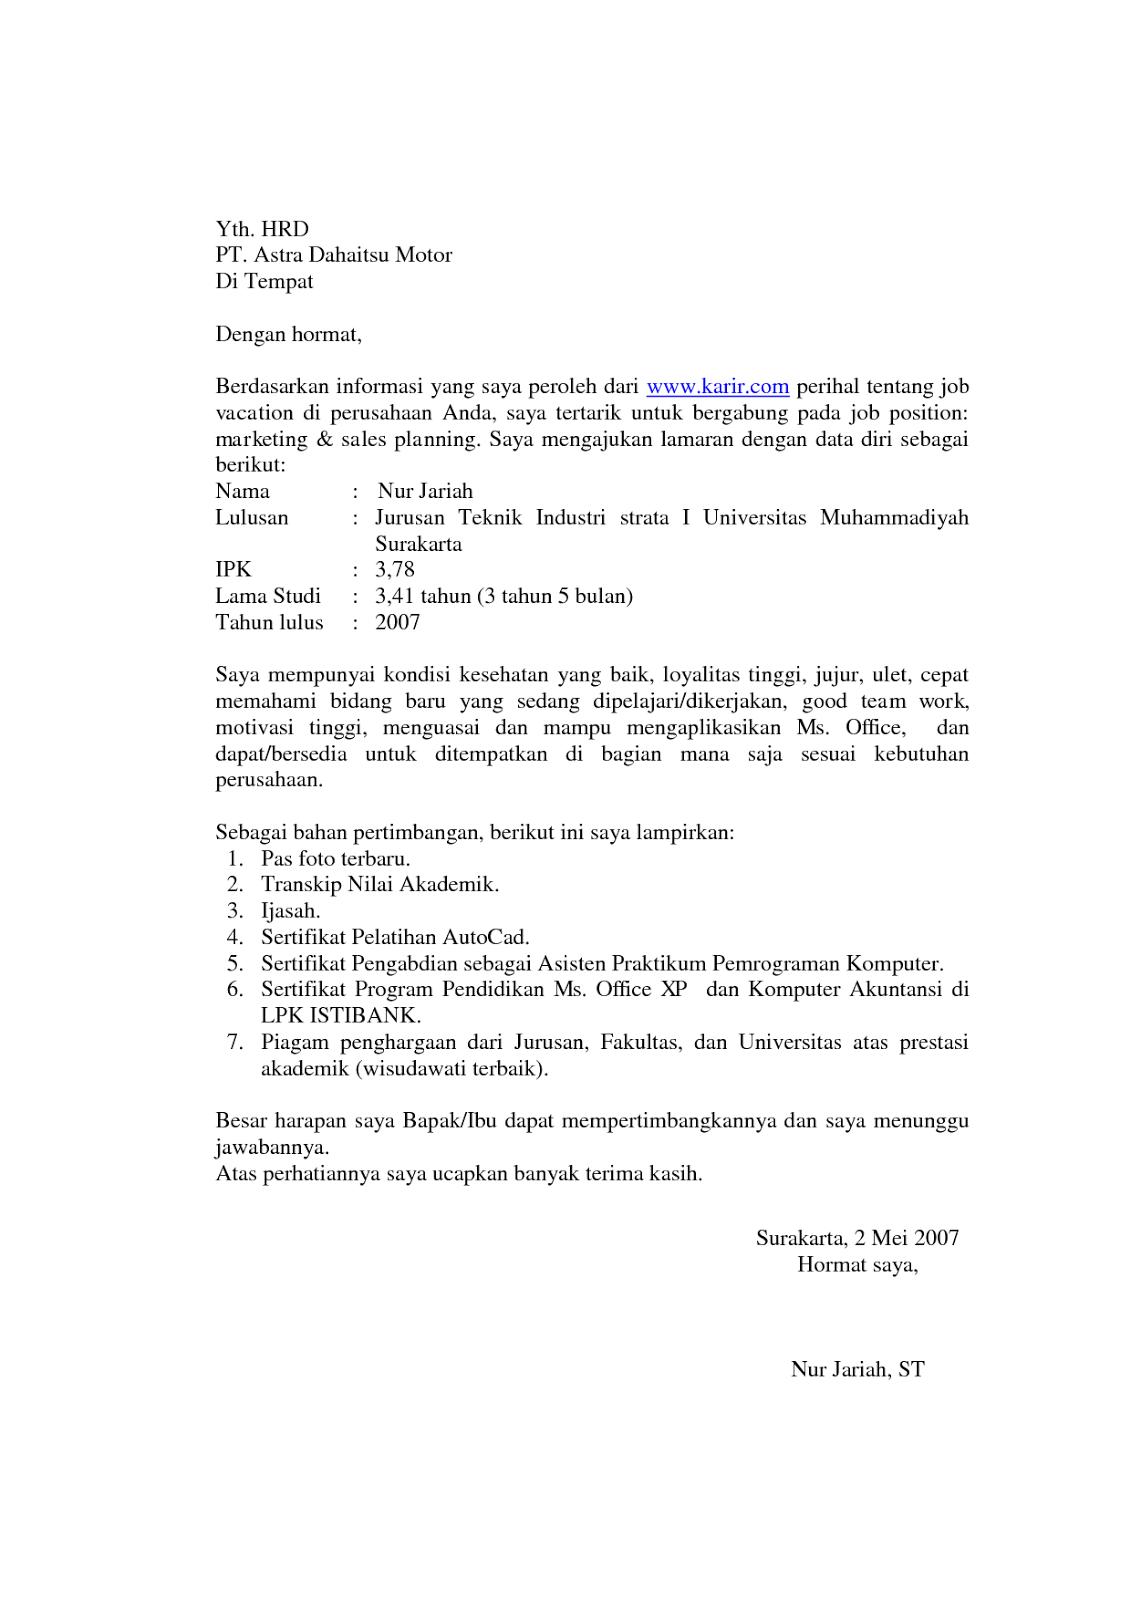 Contoh Surat Lamaran Kerja Fresh Graduate 1 Education Pendidikan